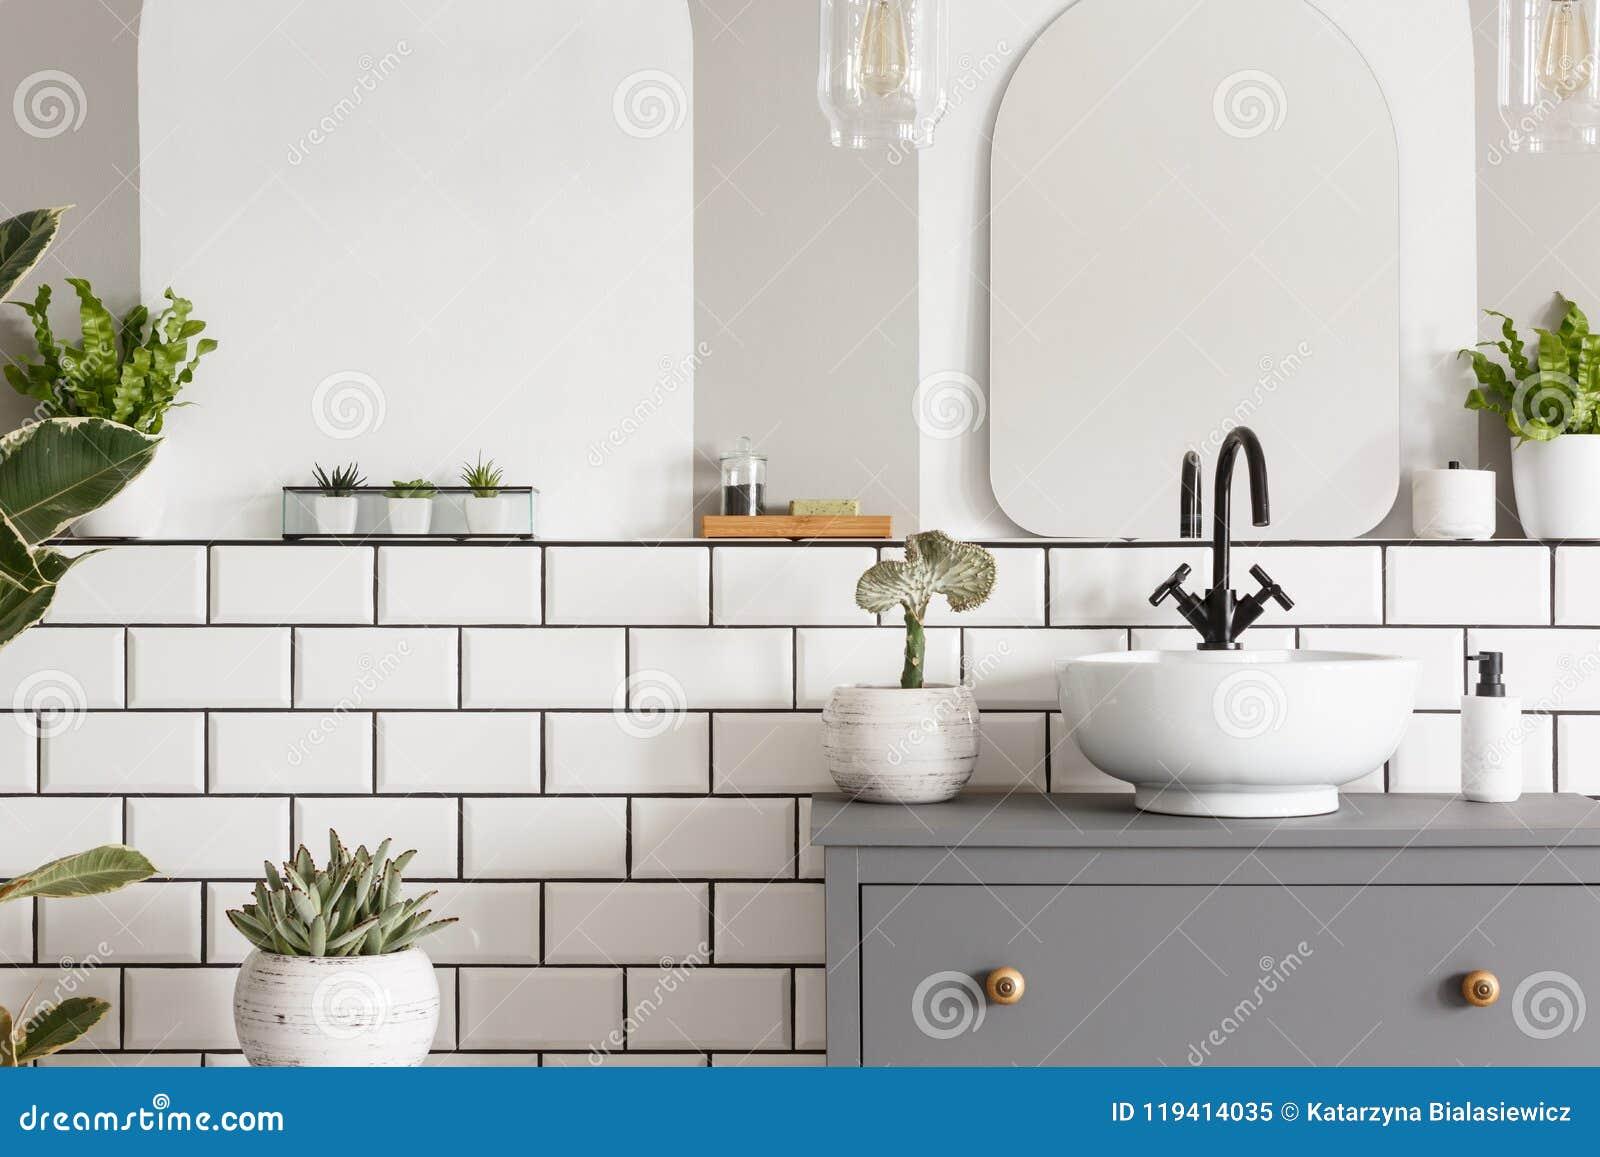 一个水盆的真正的照片在碗柜的在卫生间内部w里